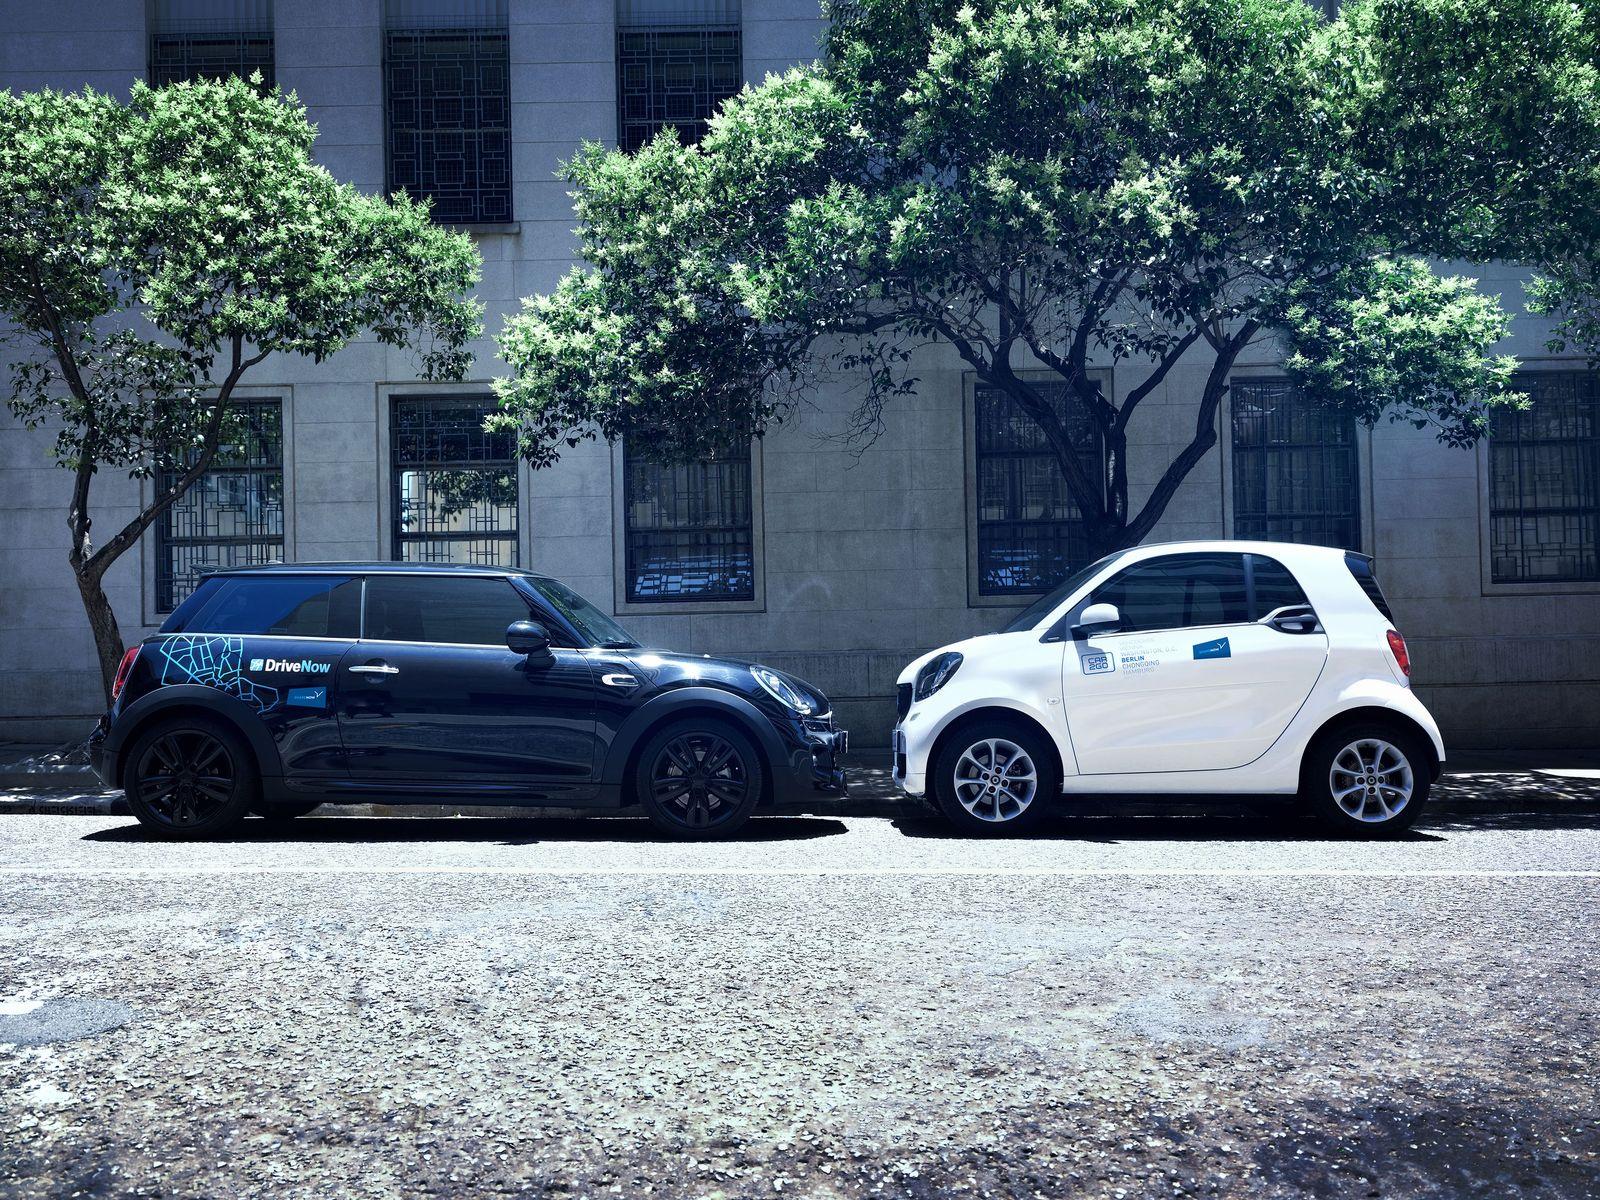 ShareNow / DriveNow / Car2Go